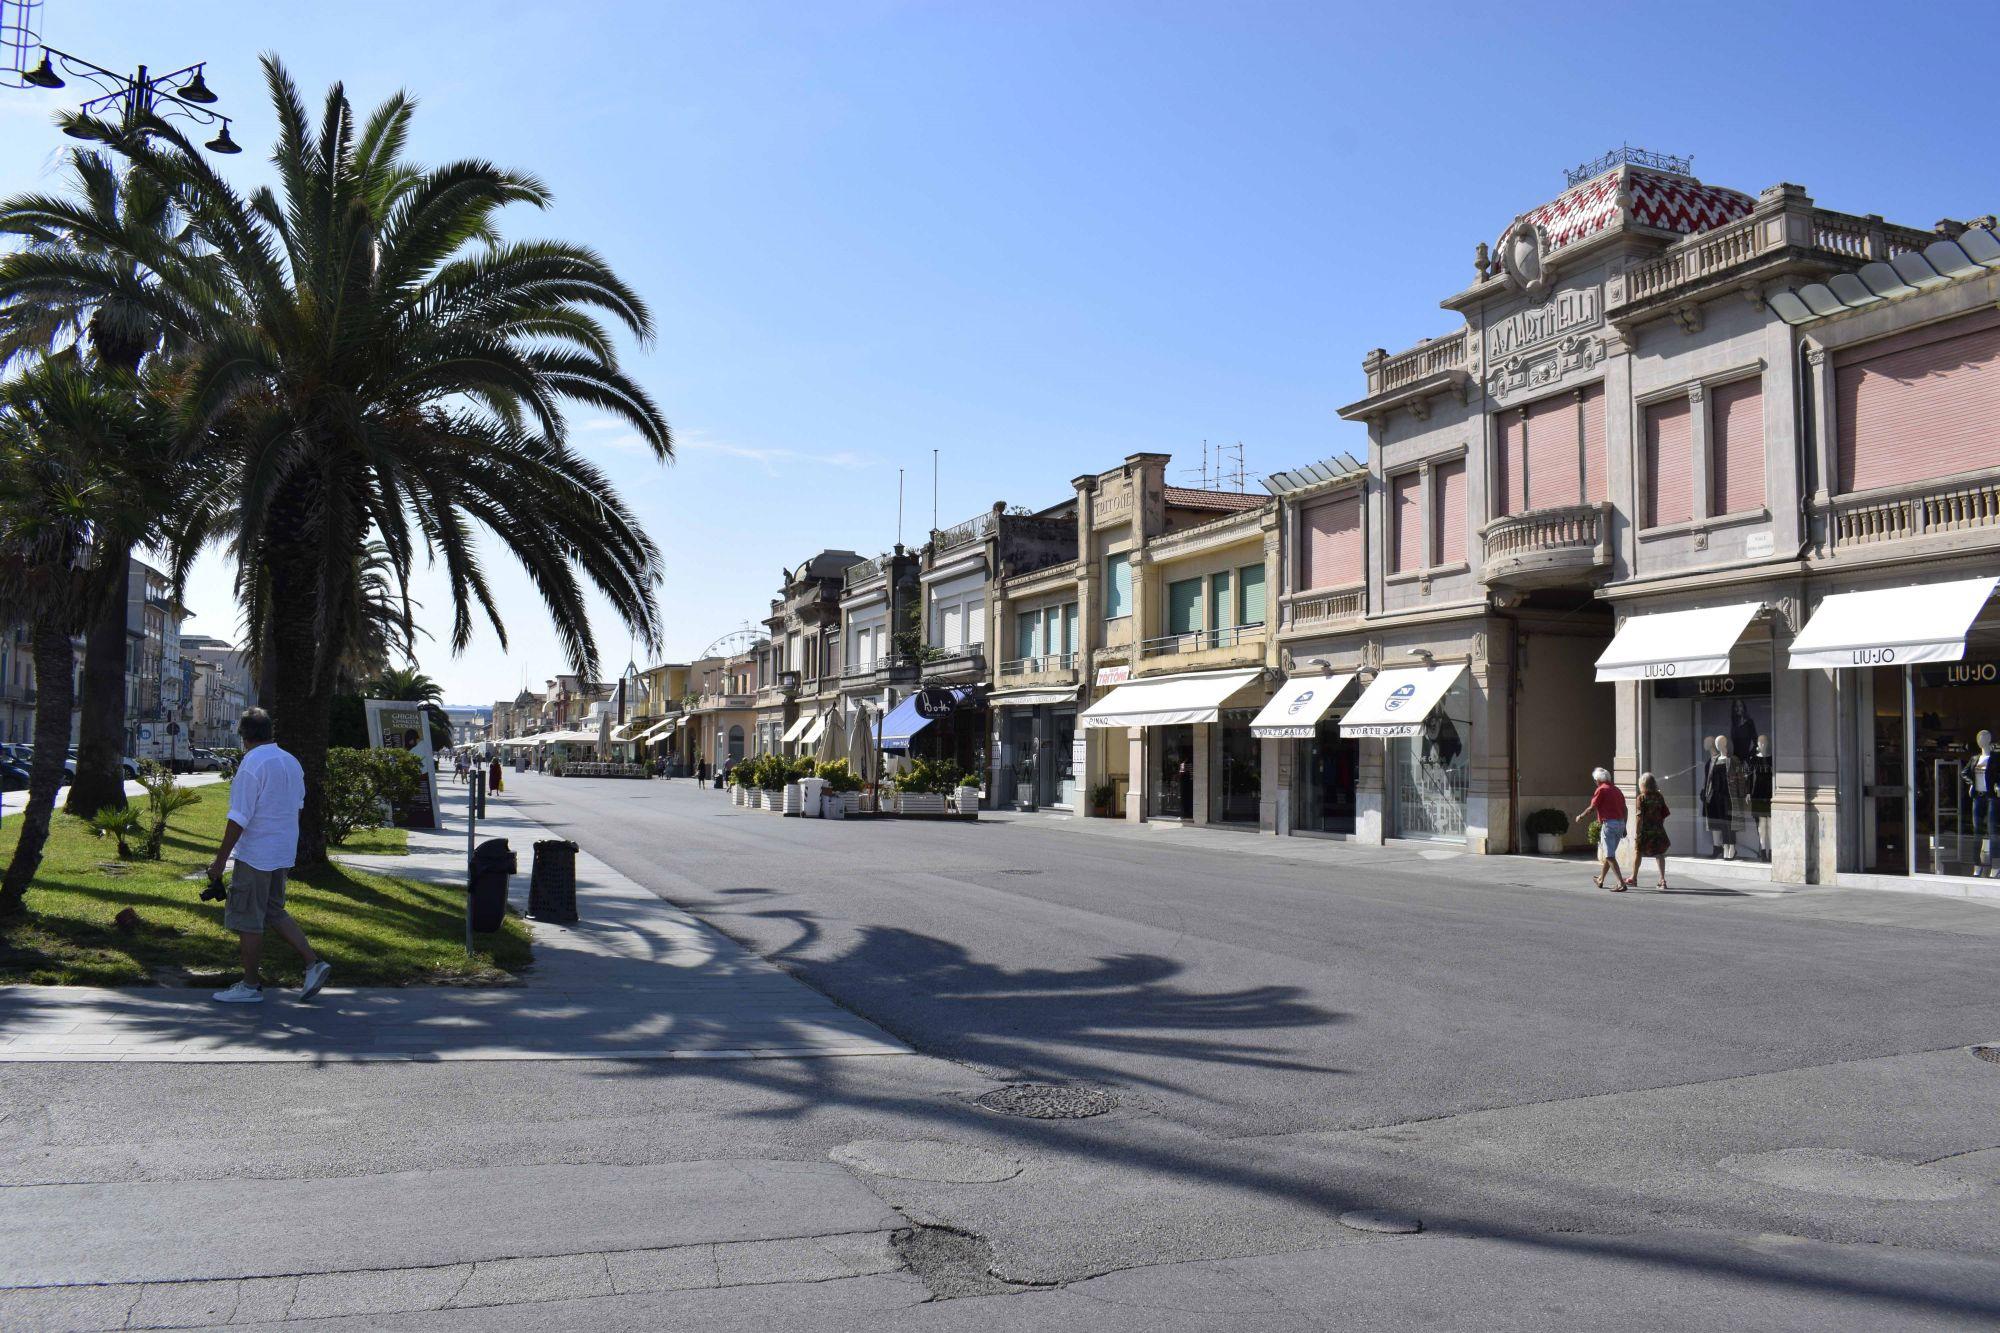 Lavoratori stagionali precari e ricattabili, gazebo in passeggiata a Viareggio per offrire aiuto